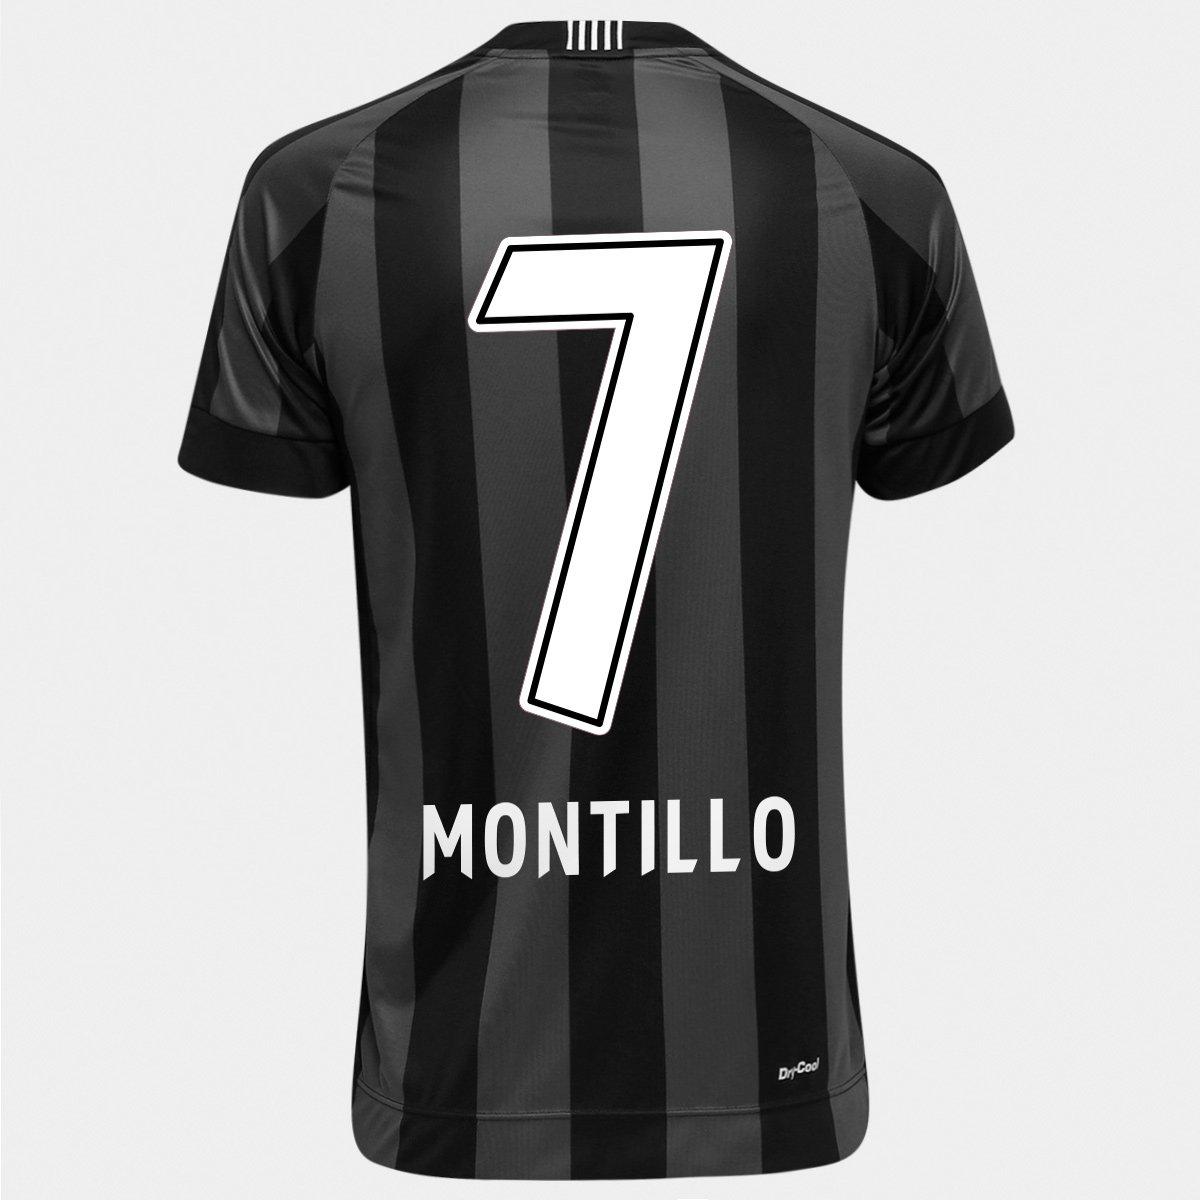 Camisa Topper Botafogo II 2016 n° 7 - Montillo - Compre Agora  0bde05c148073